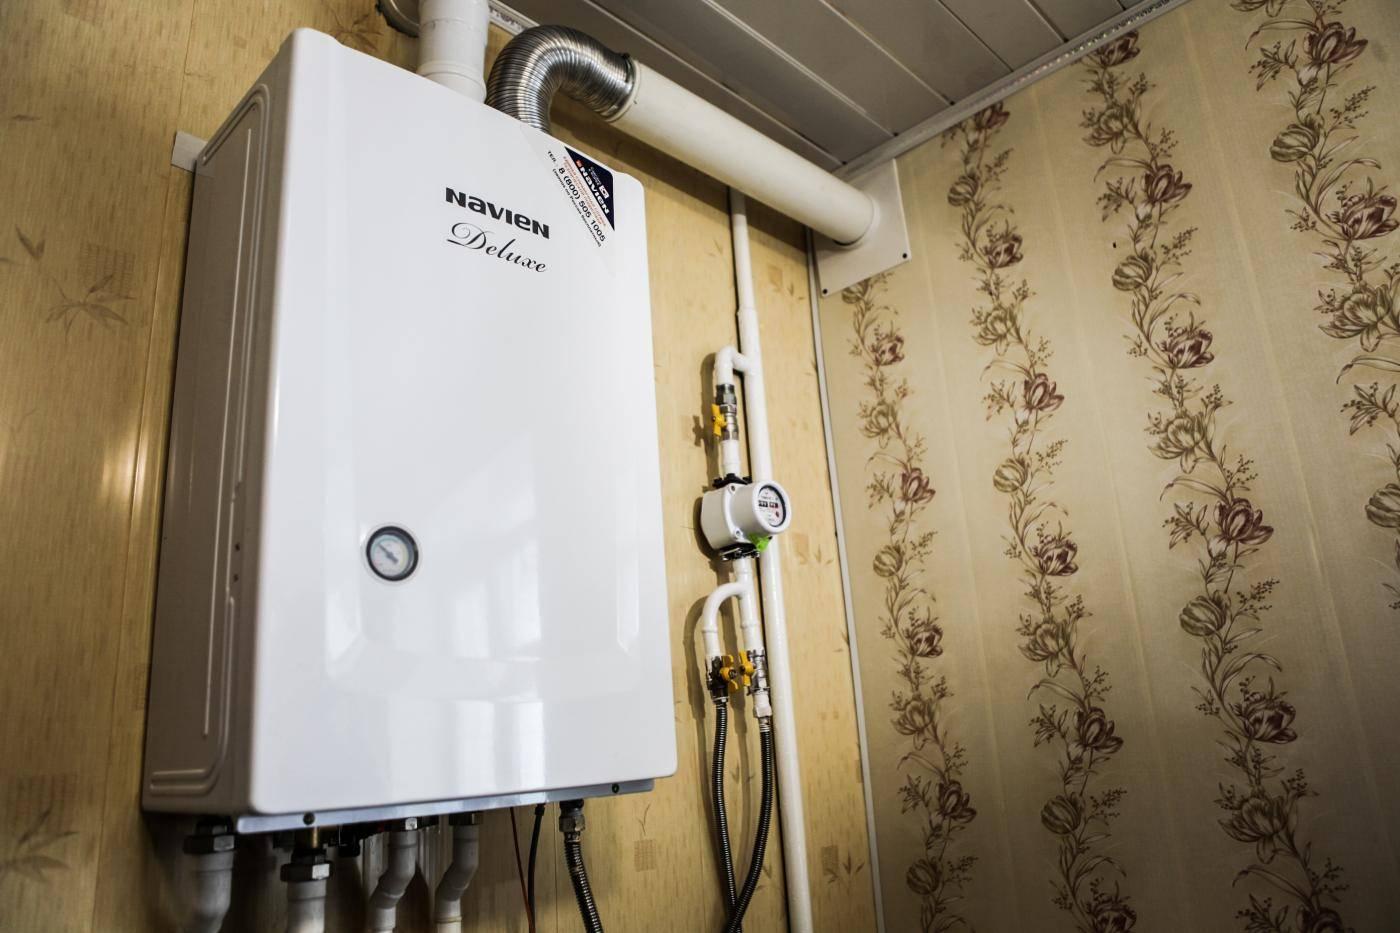 Получение разрешения на установку индивидуального отопления в квартире и выбор оборудования